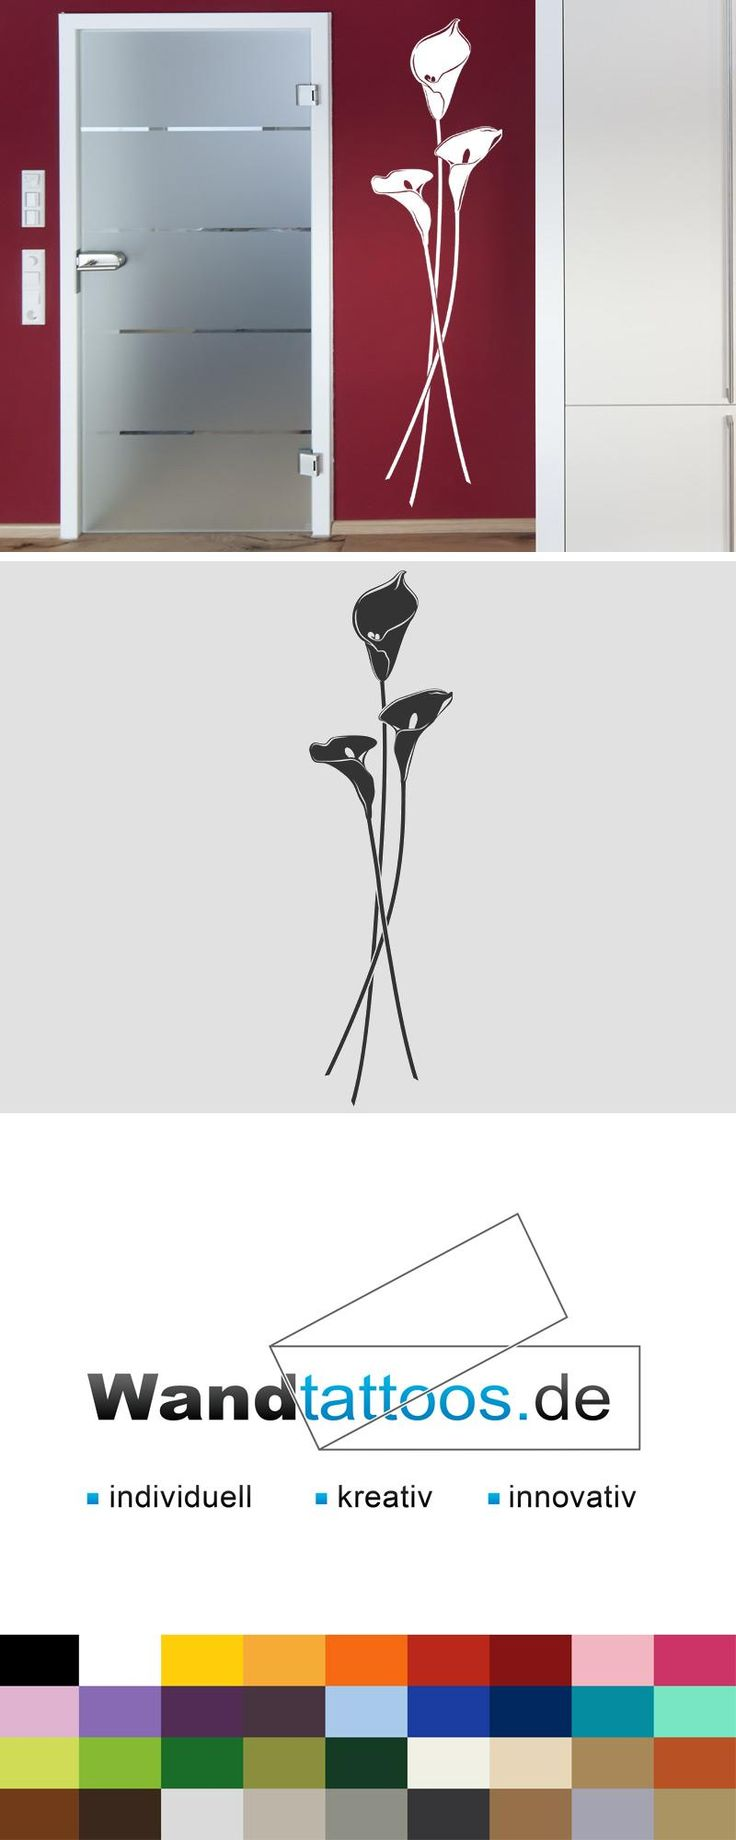 die besten 25 gro e wandschablone ideen auf pinterest wandschablonierung schablonen f r. Black Bedroom Furniture Sets. Home Design Ideas